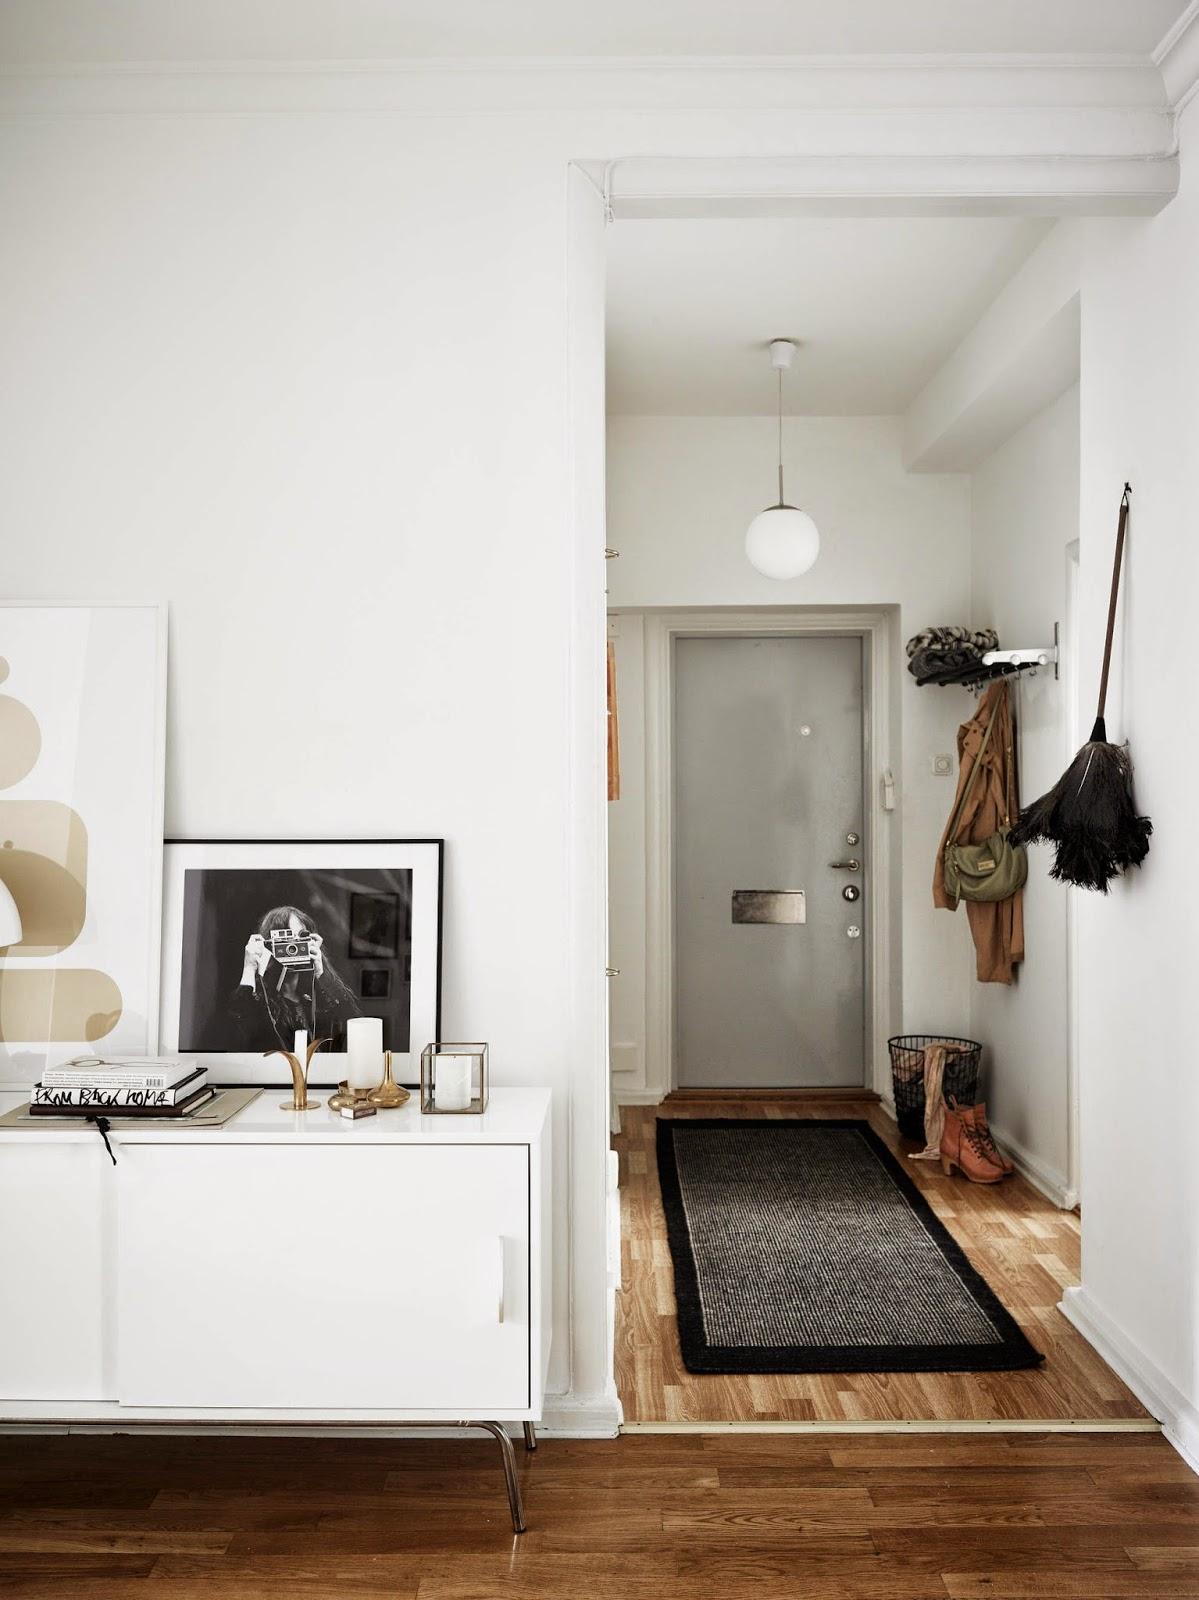 Apartamento funcional decorado con estilo nrdico